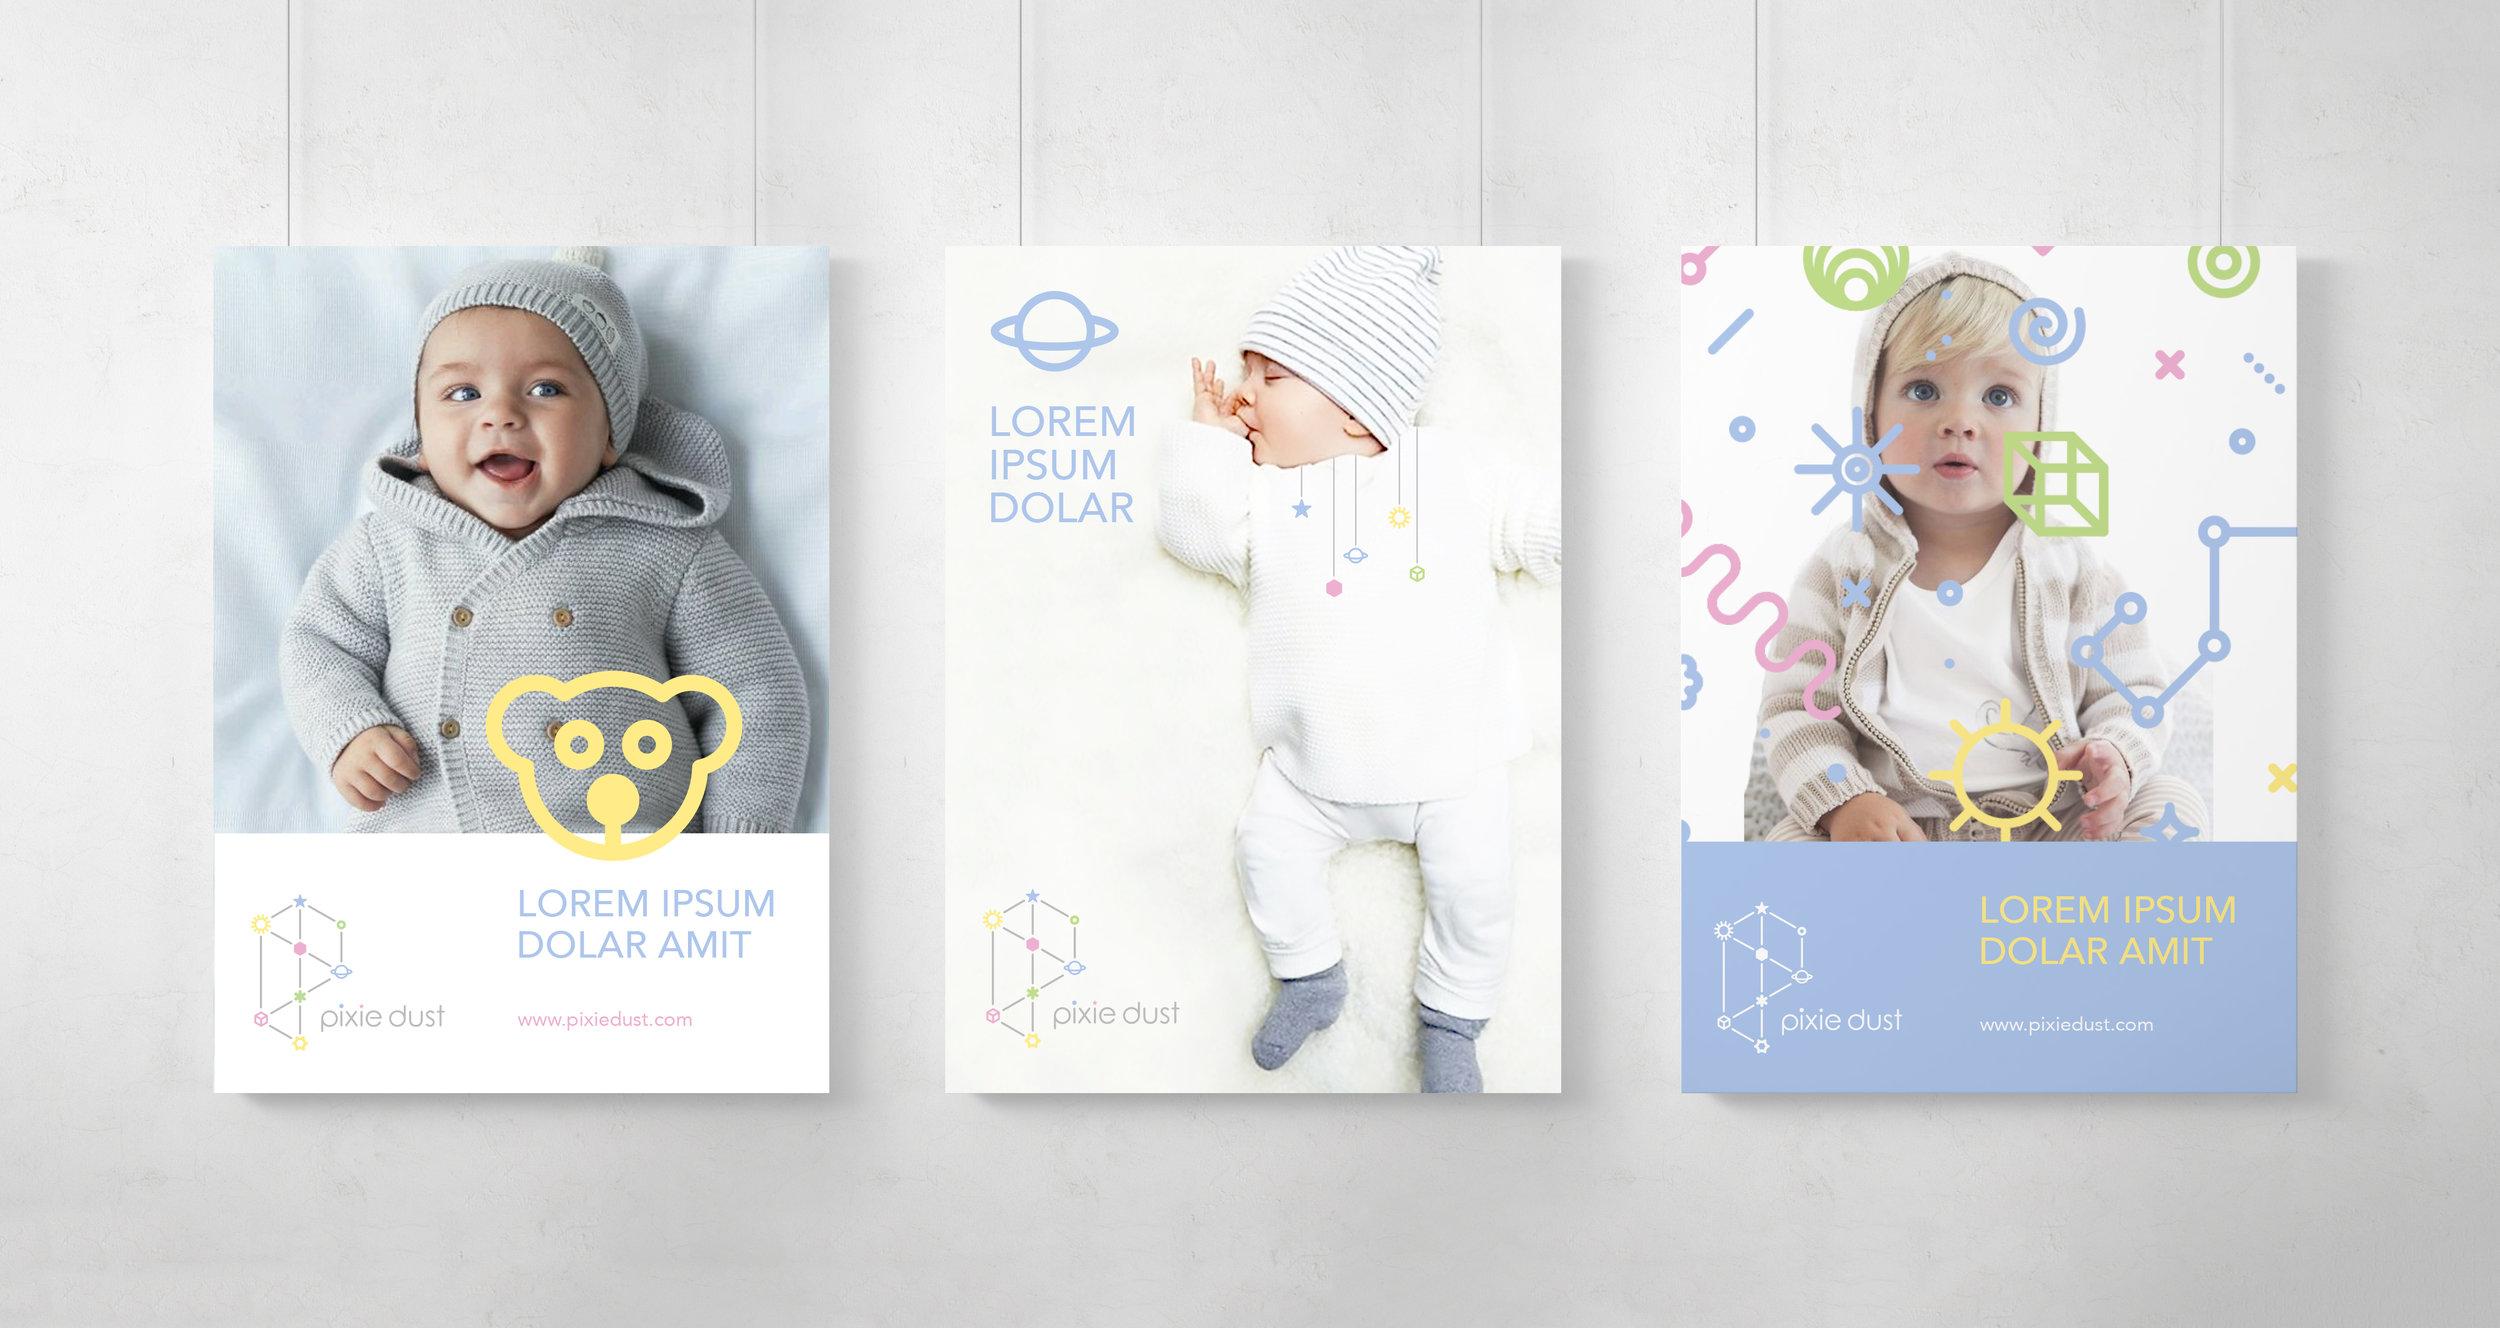 Kalian_Branding_Pixie_Dust_Posters.jpg